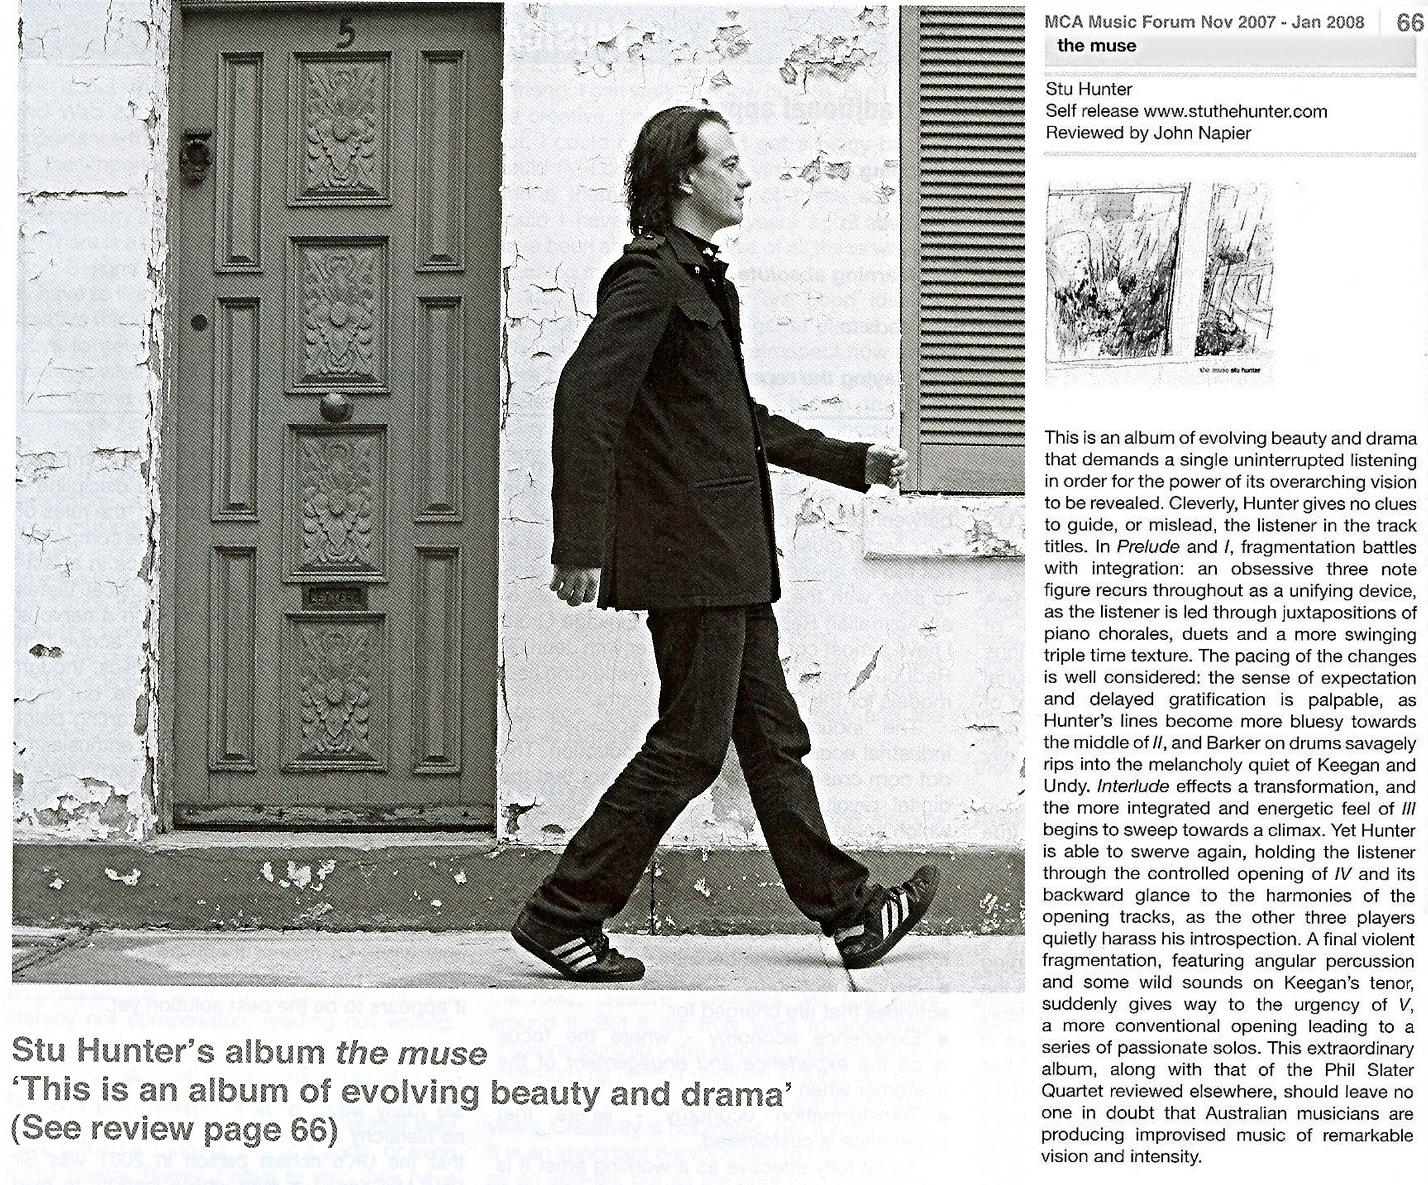 TheMuseMusicForum2.jpg